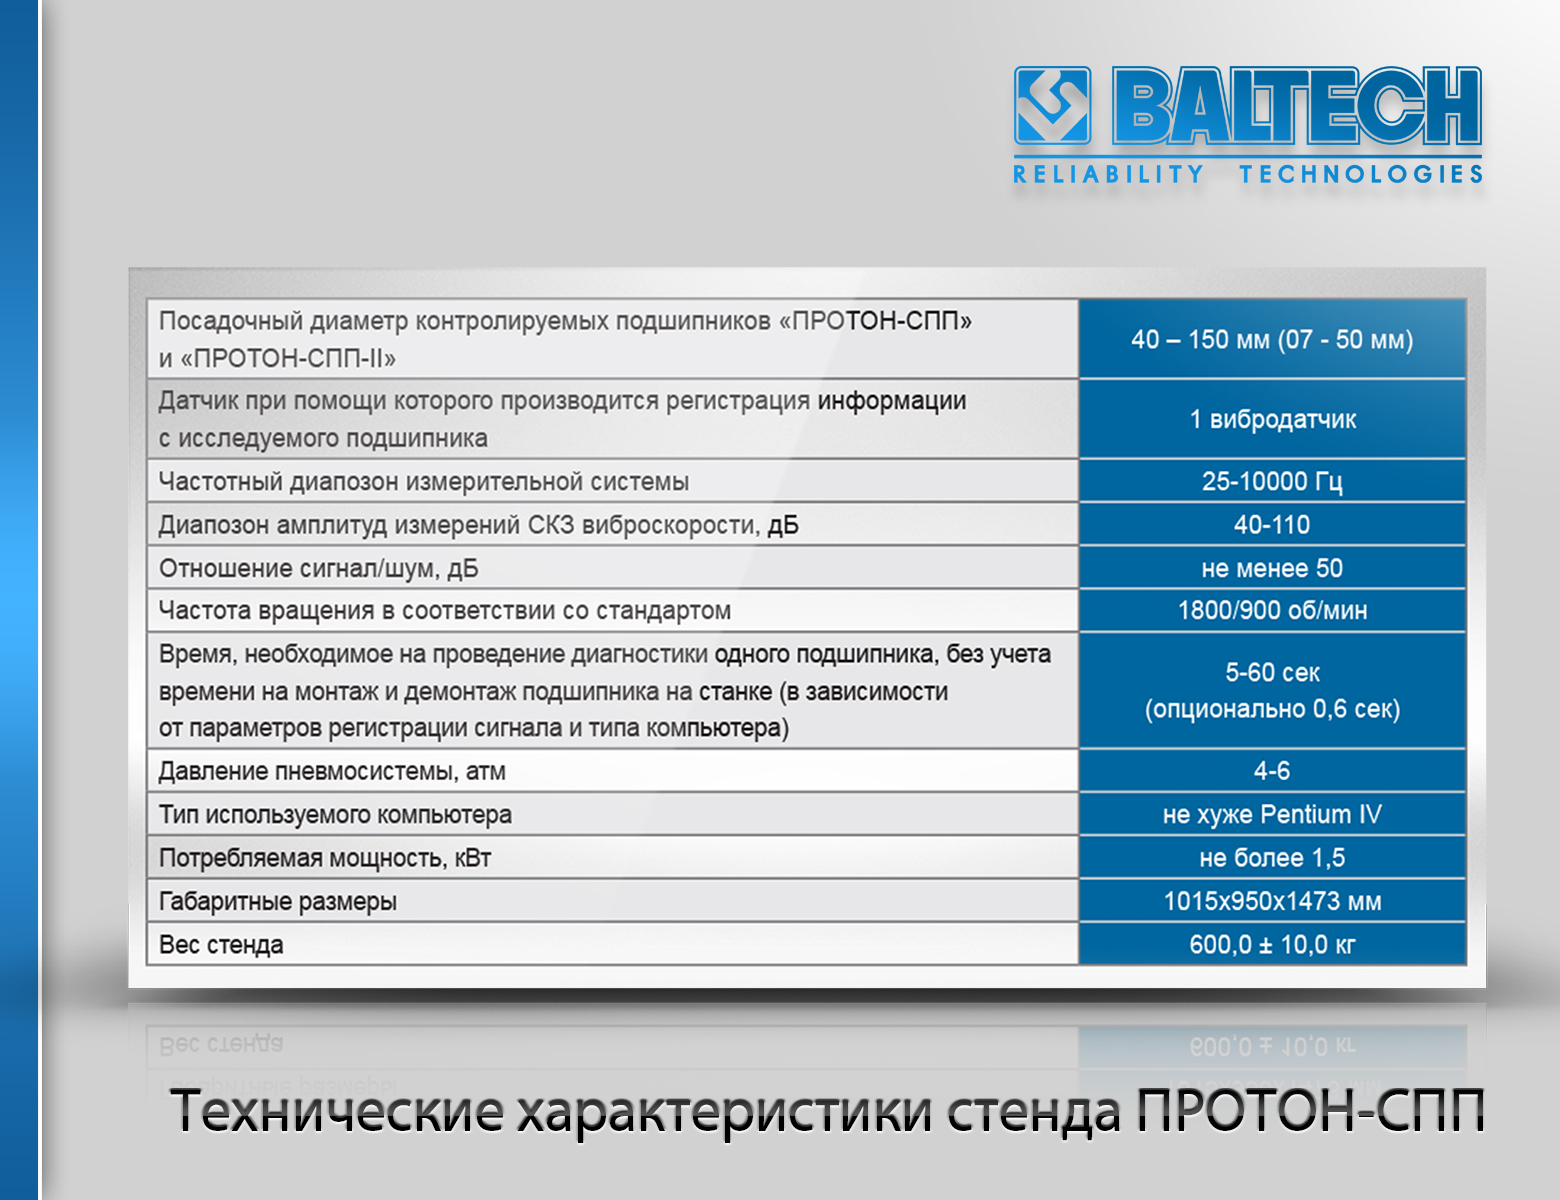 Технические характеристики стенда ПРОТОН-СПП, диагностика подшипников